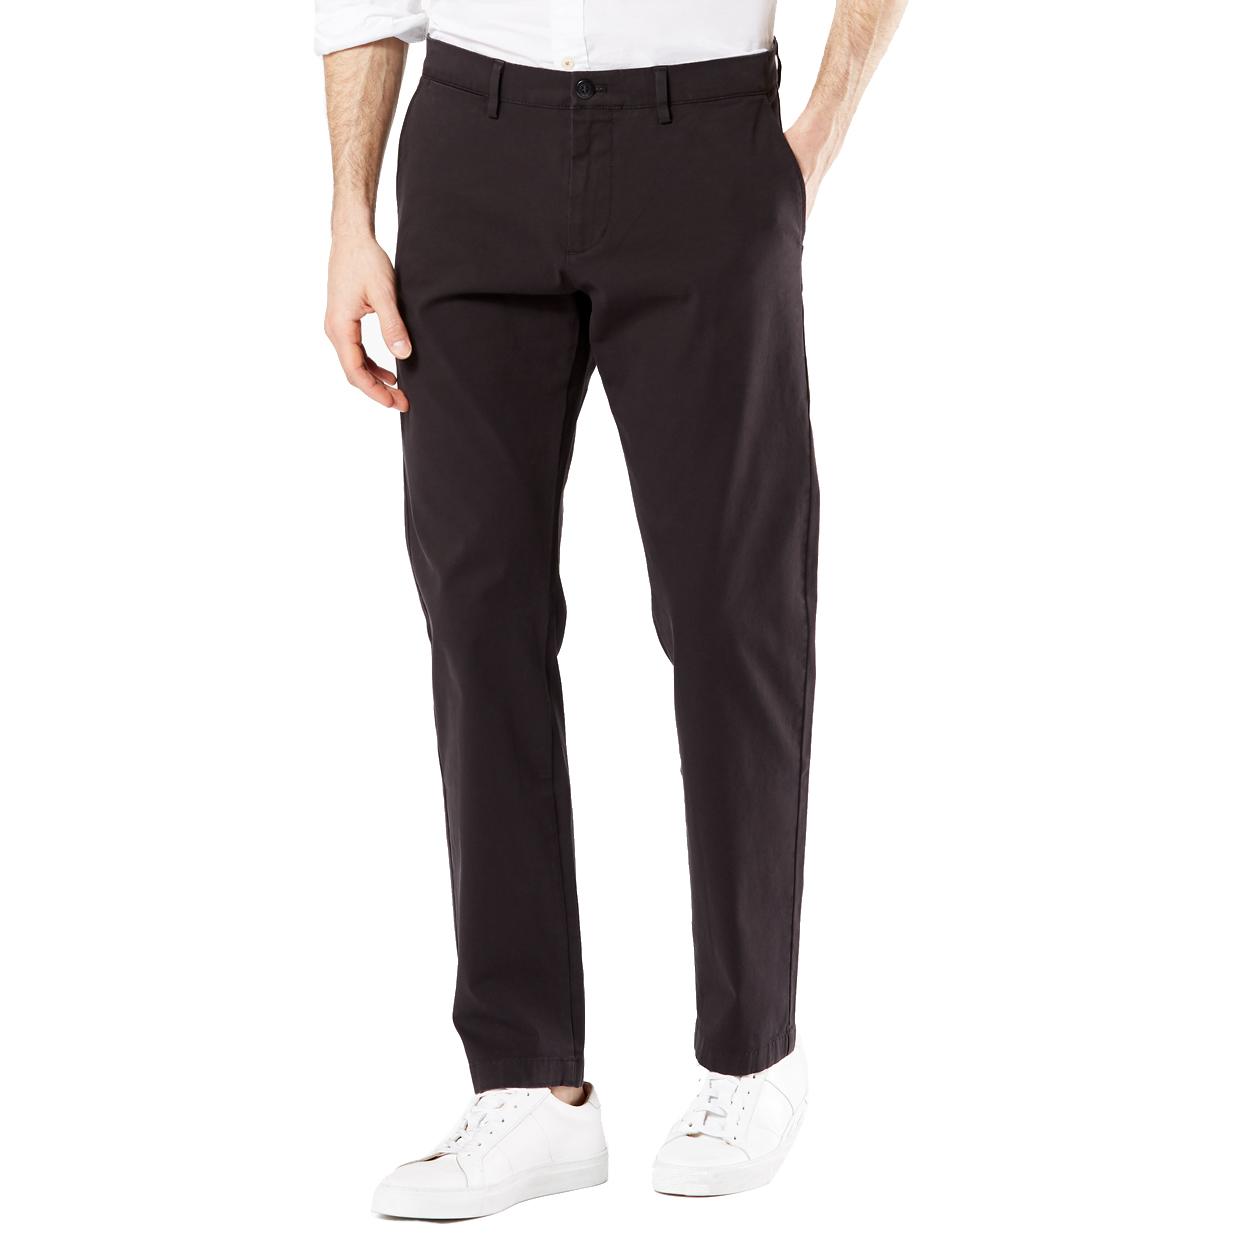 Pantalon chino  taper en coton stretch noir